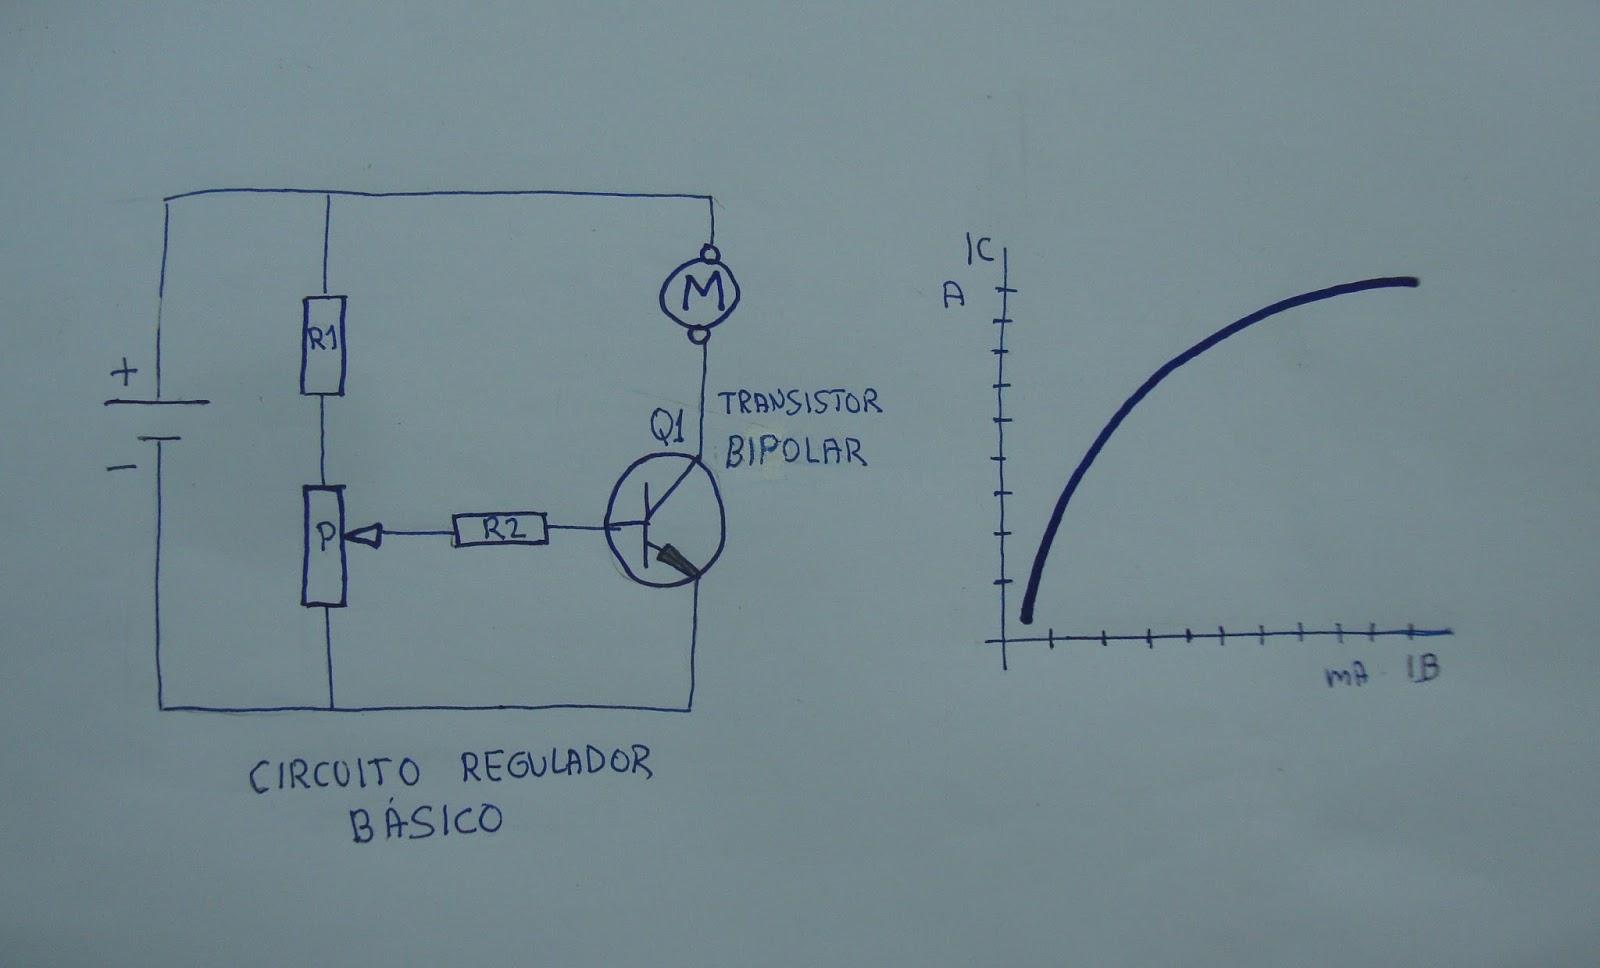 Circuito Regulador De Voltaje : Circuito regulador de voltaje para moto entre cables y